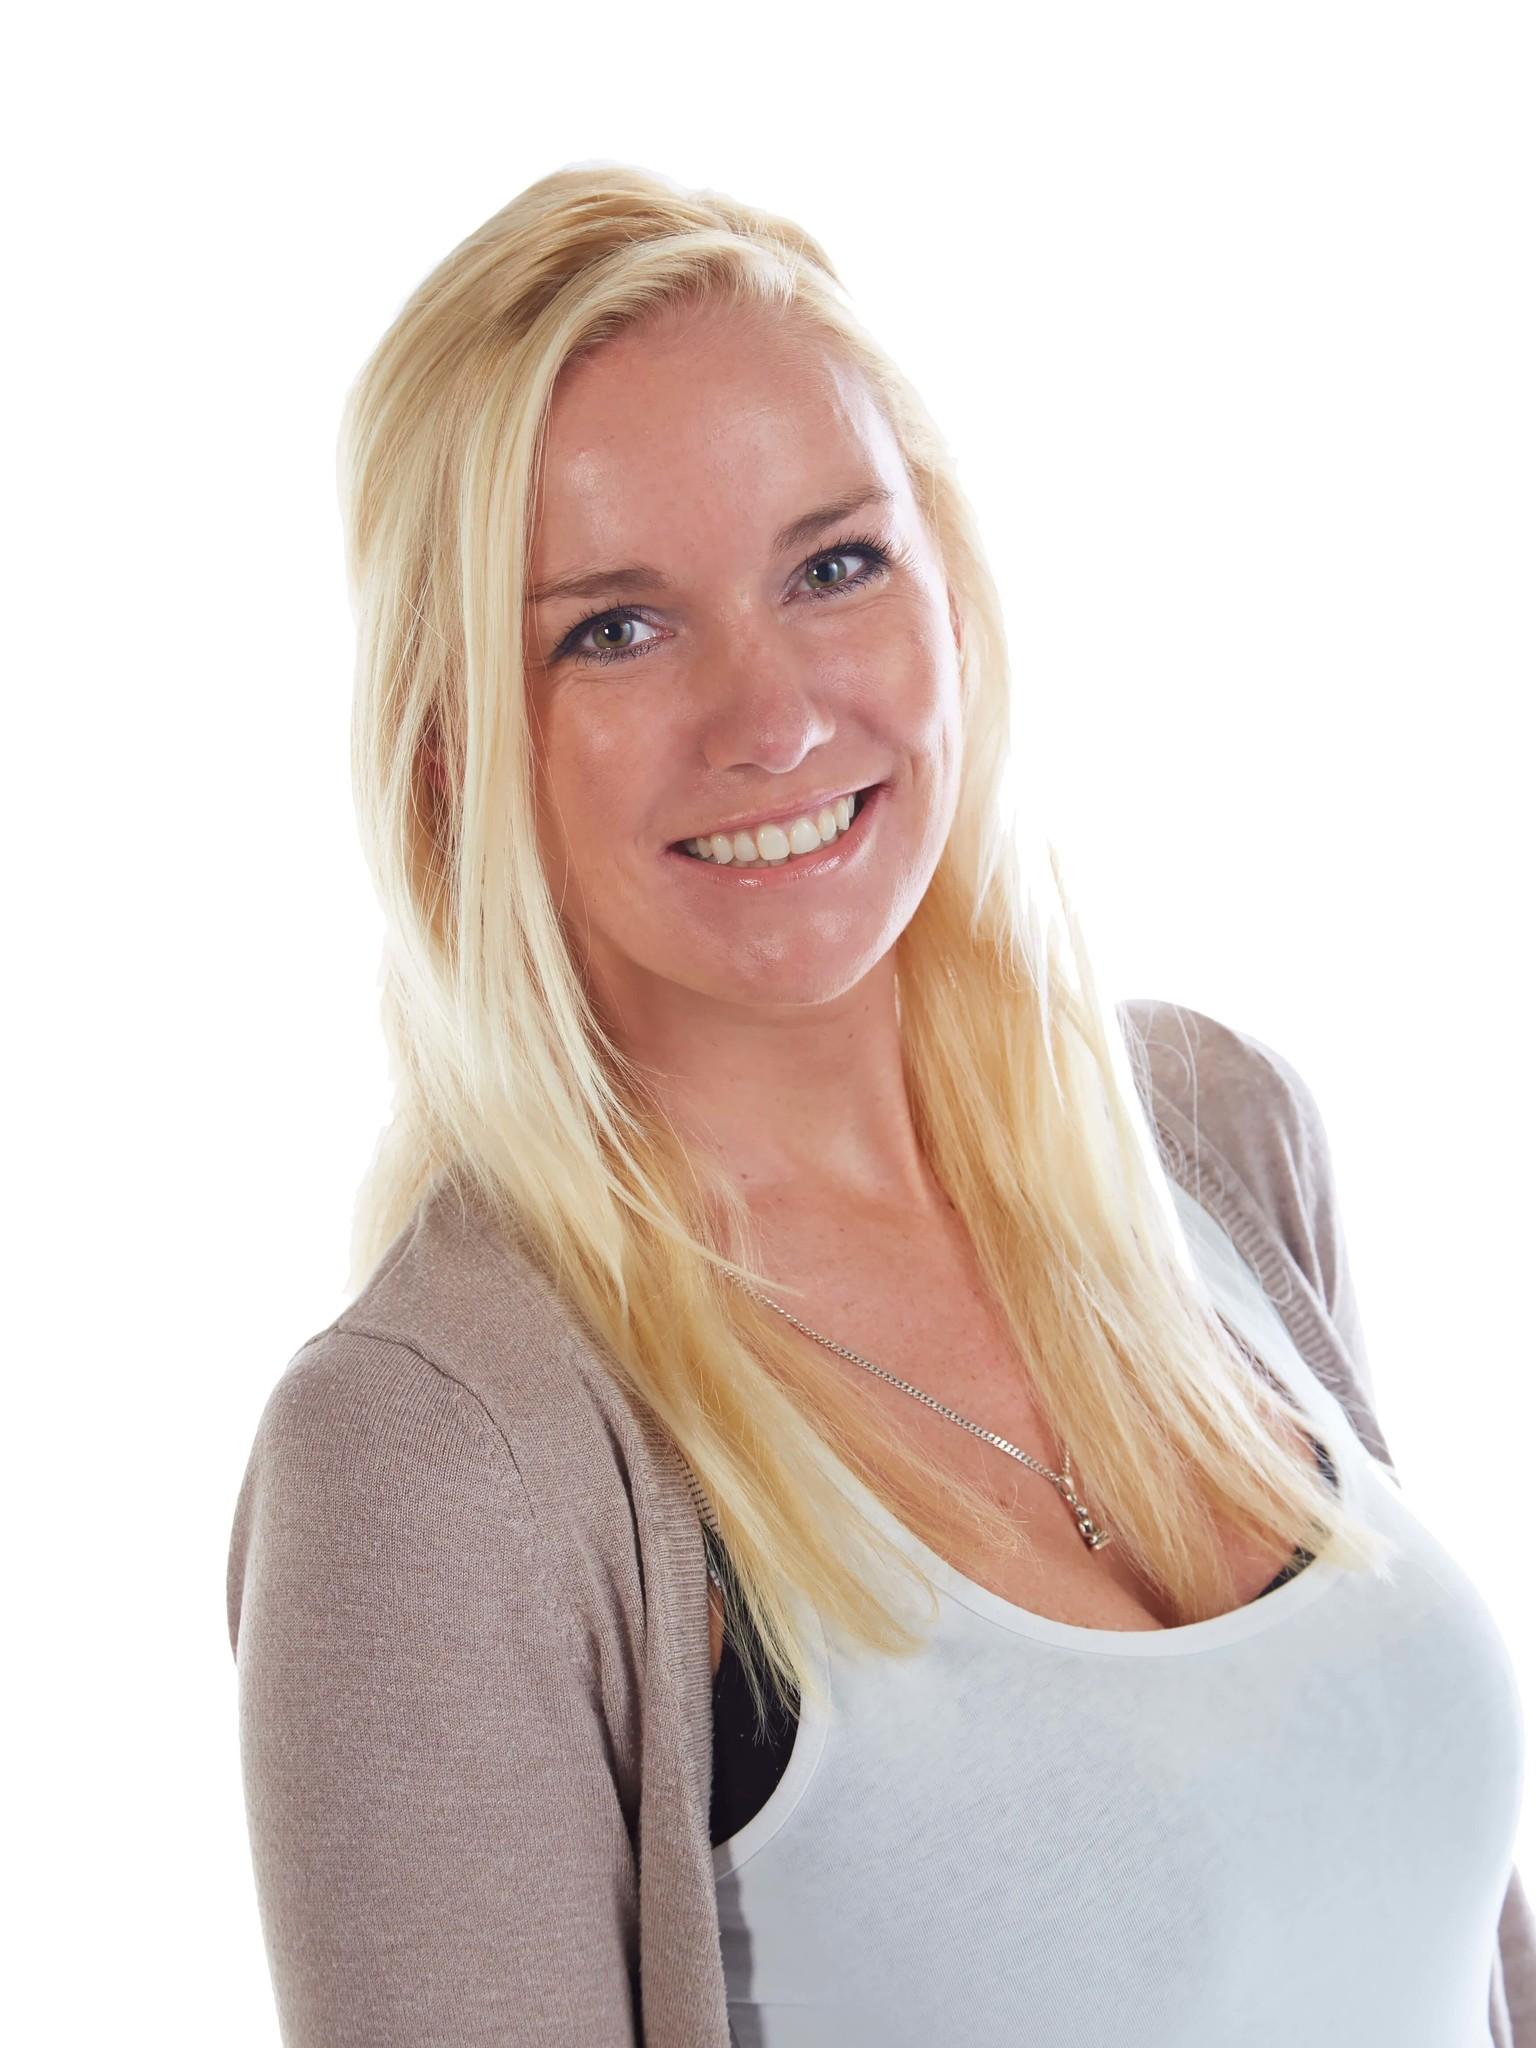 Cindy van de Moosdijk